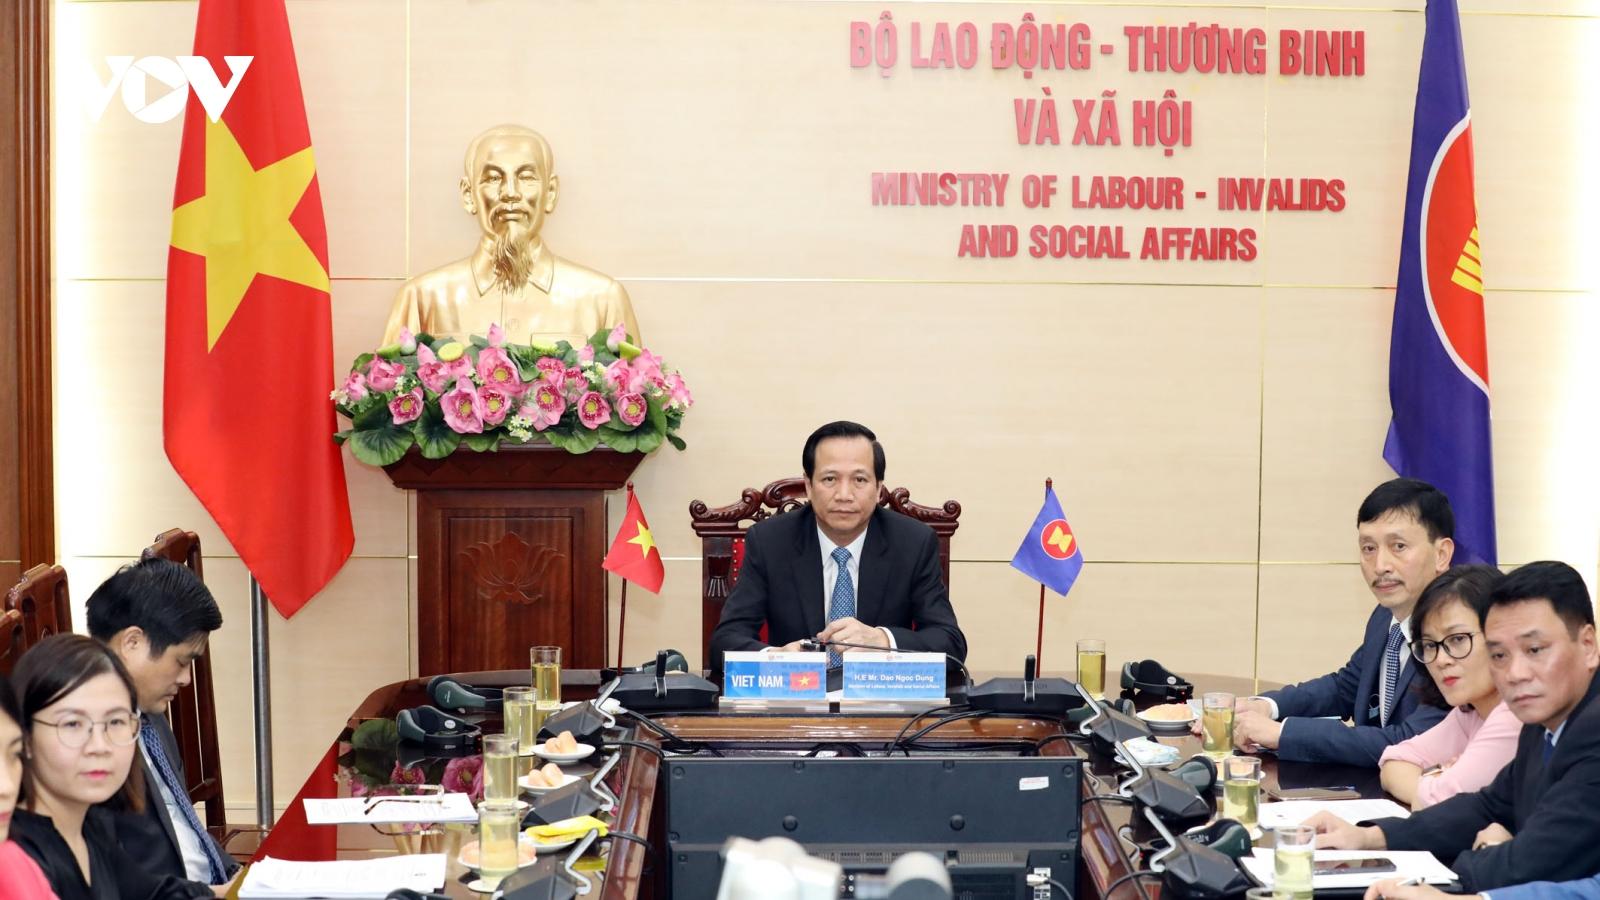 Nhiều tuyên bố về lao động, phát triển nguồn nhân lực tại ASEAN được thông qua